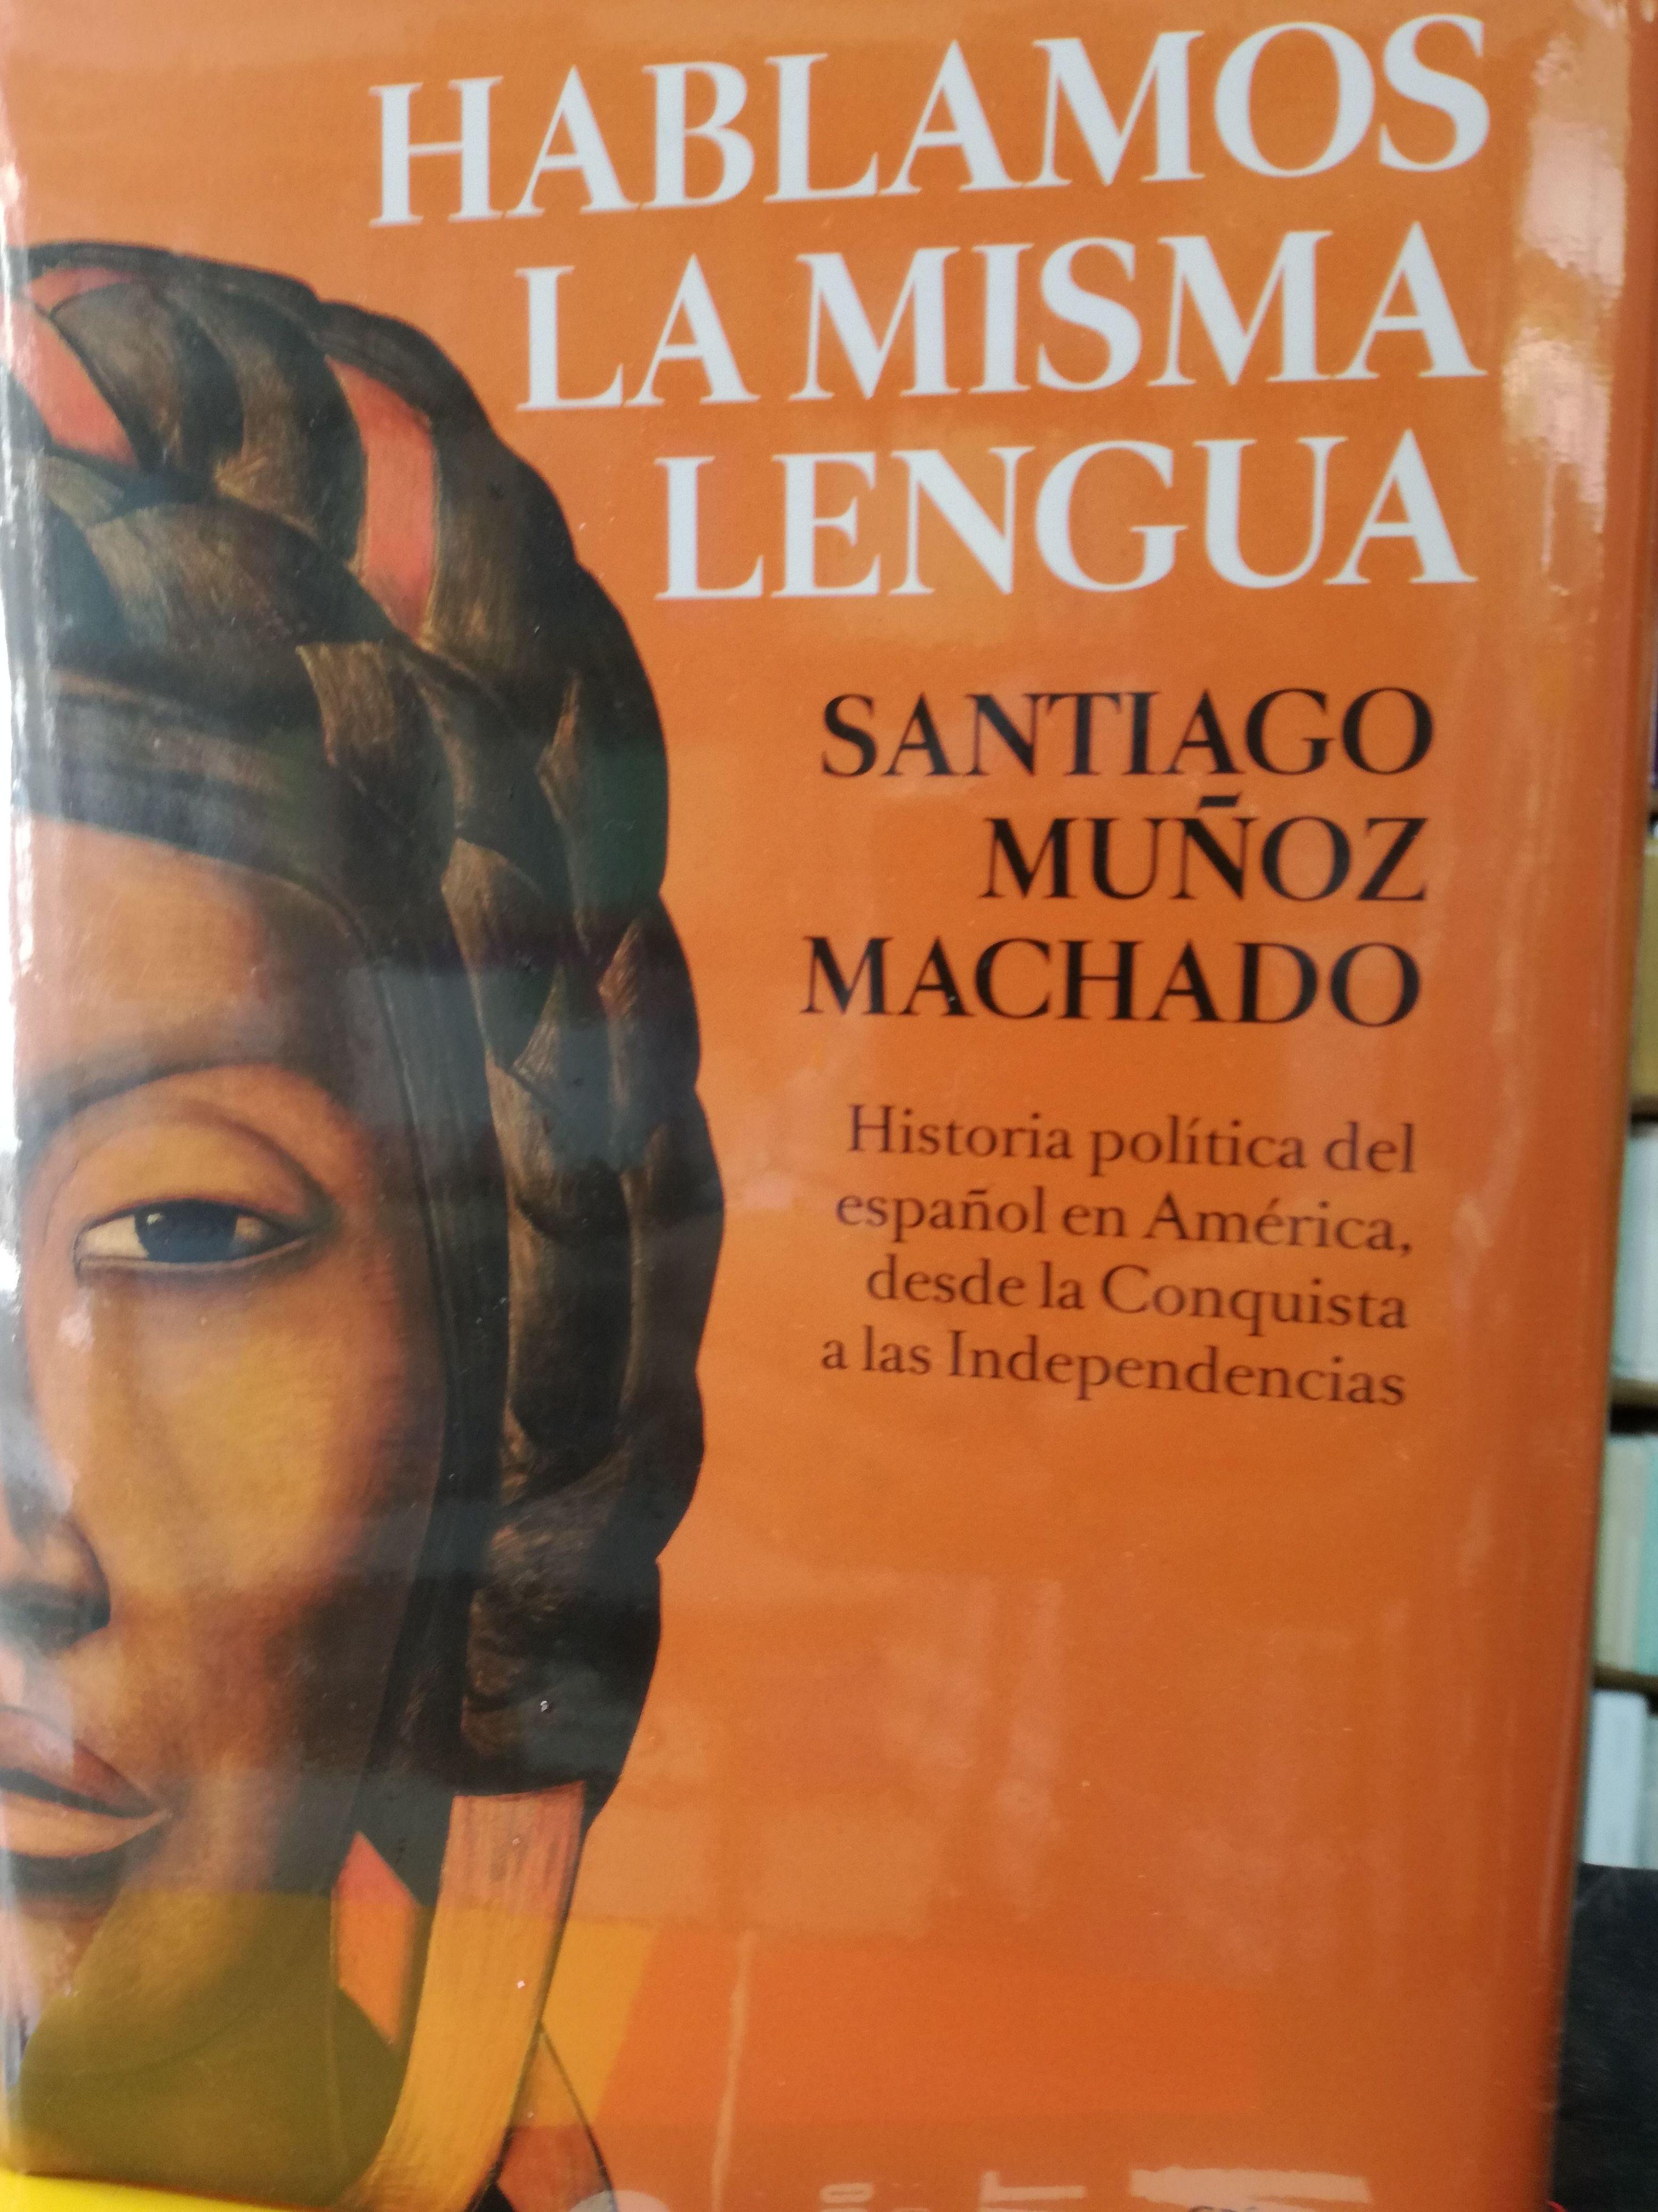 Hablamos la misma lengua: SECCIONES de Librería Nueva Plaza Universitaria